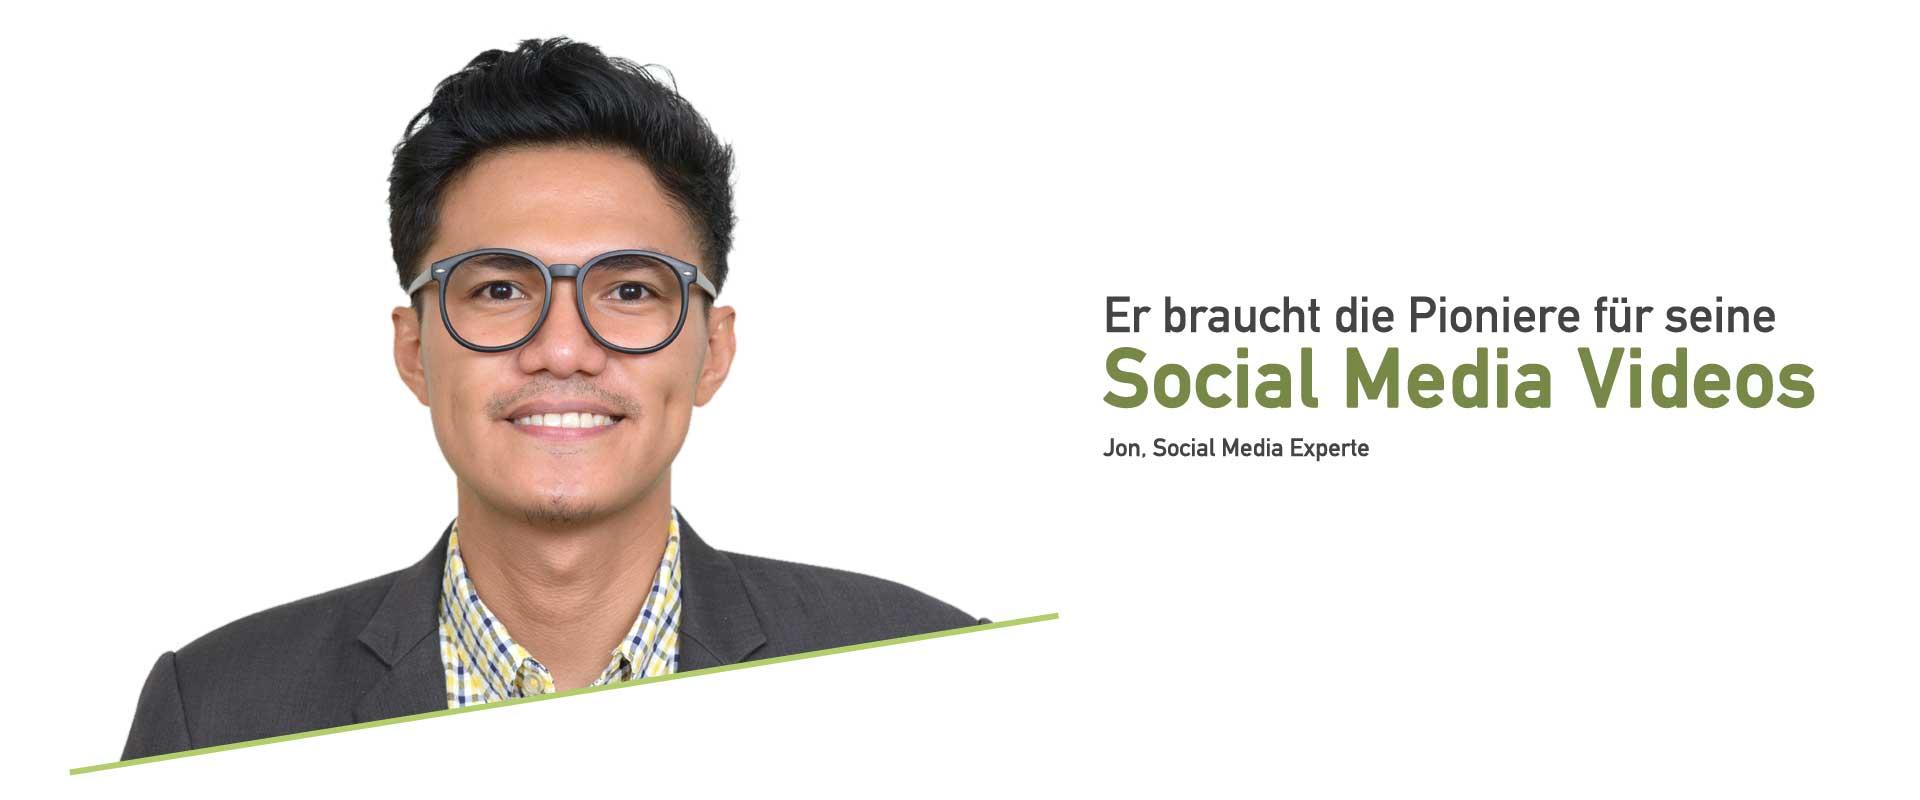 Social Media Videos bedürfen besonderer Beachtung. Nicht nur sind sie essenziell im Marketing Mix, sie müssen auch speziell für Social Media produziert sein.